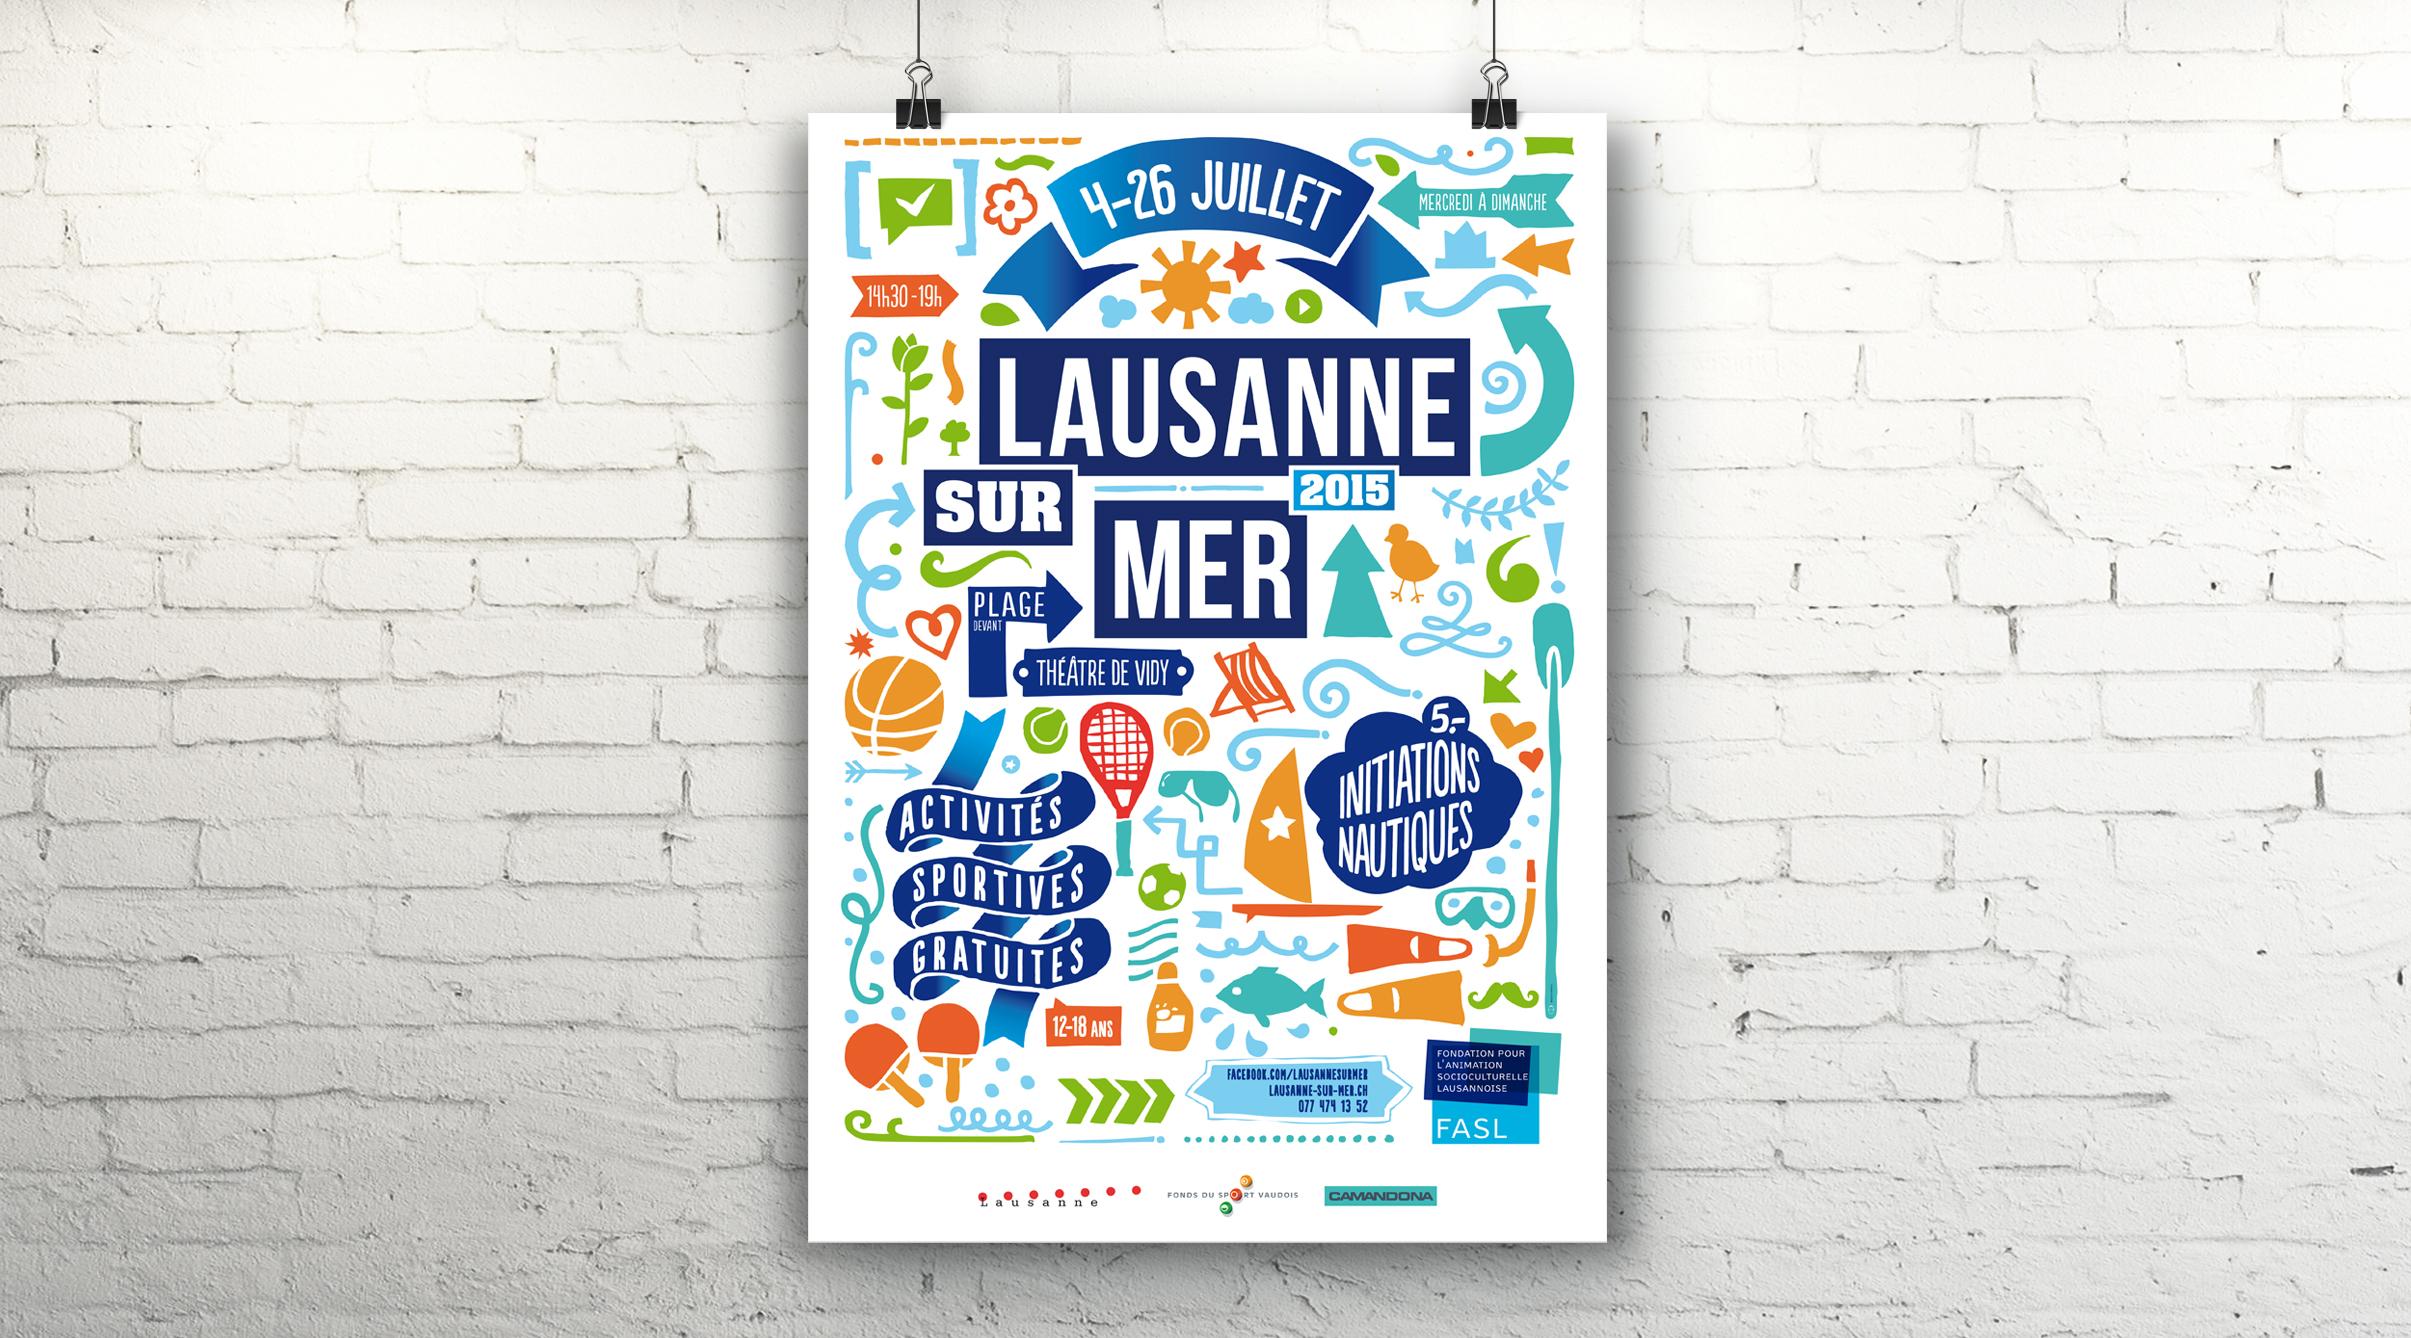 Lausanne-sur-Mer 2015